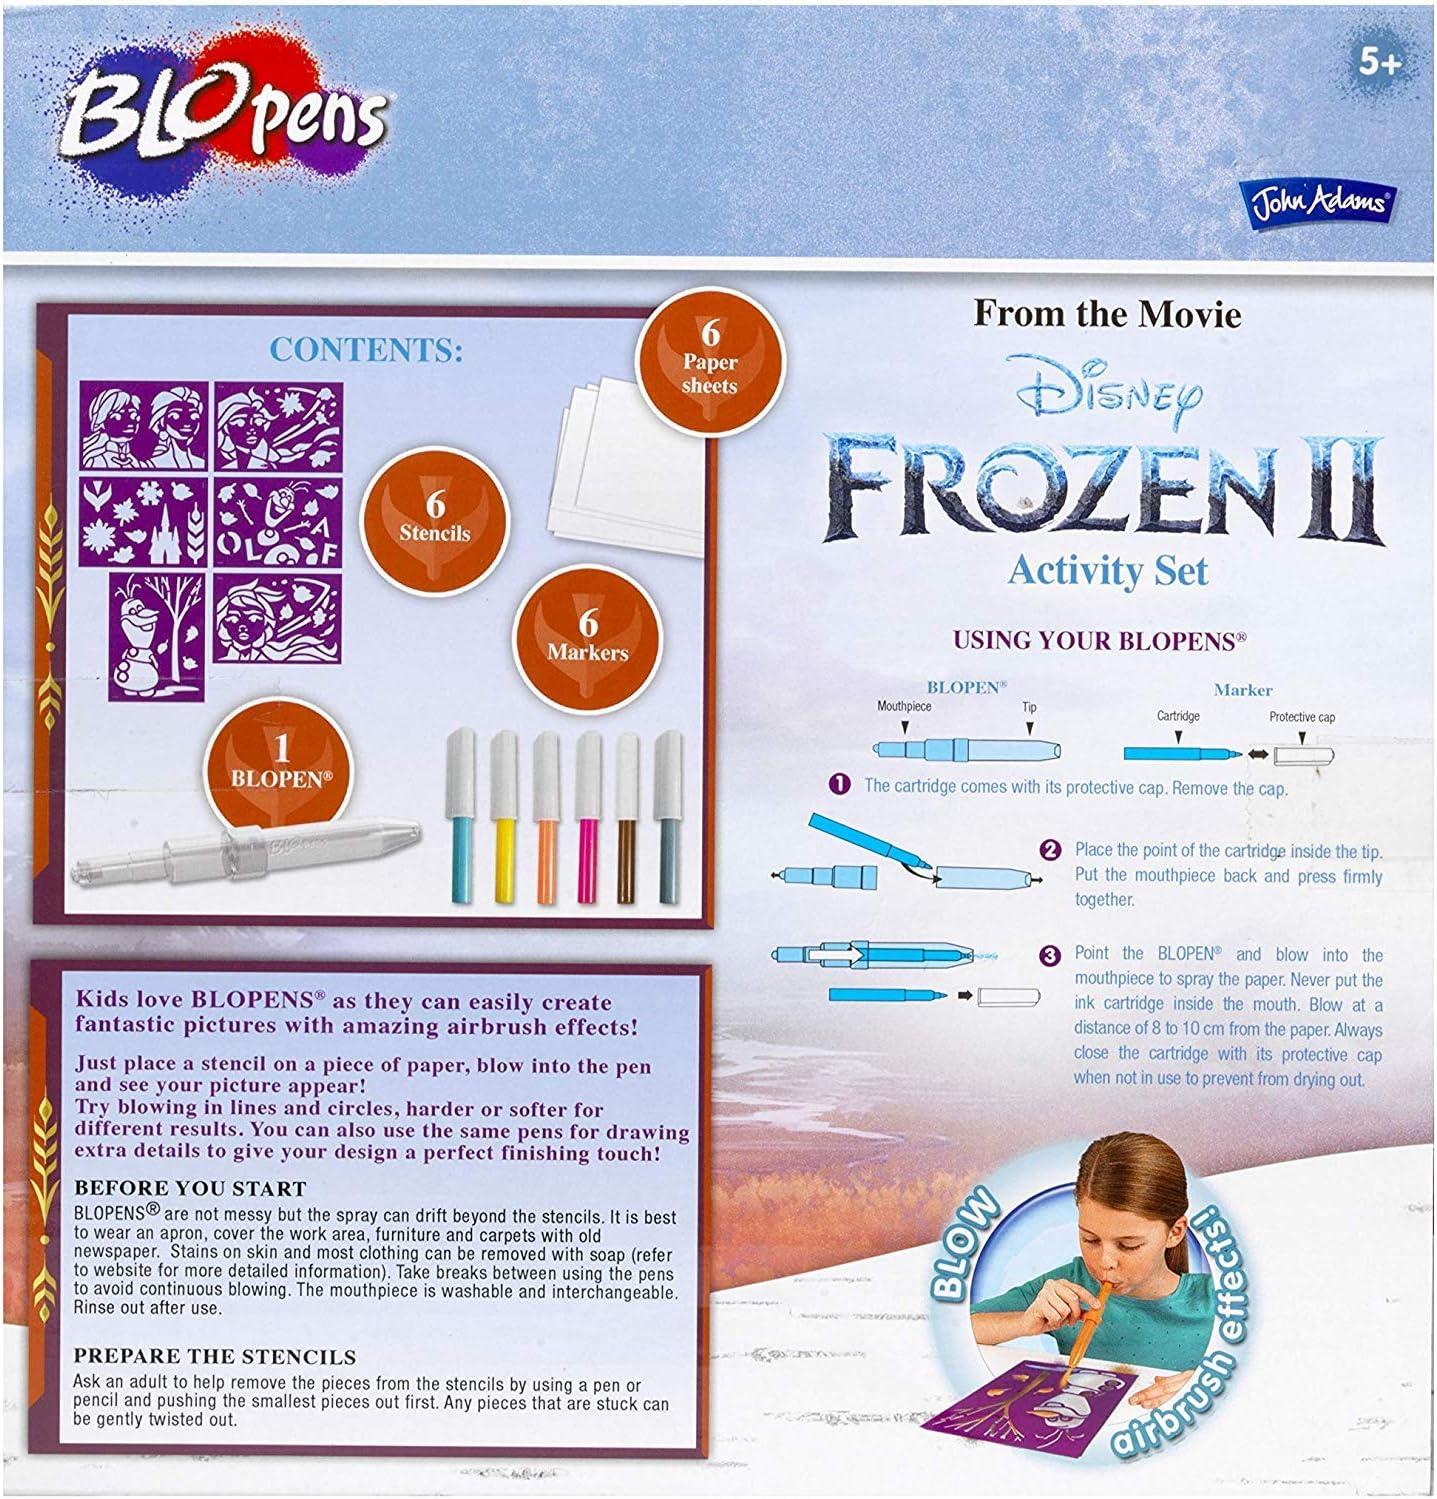 Activity Set John Adams 10800 Disney Frozen II BLOPENS R